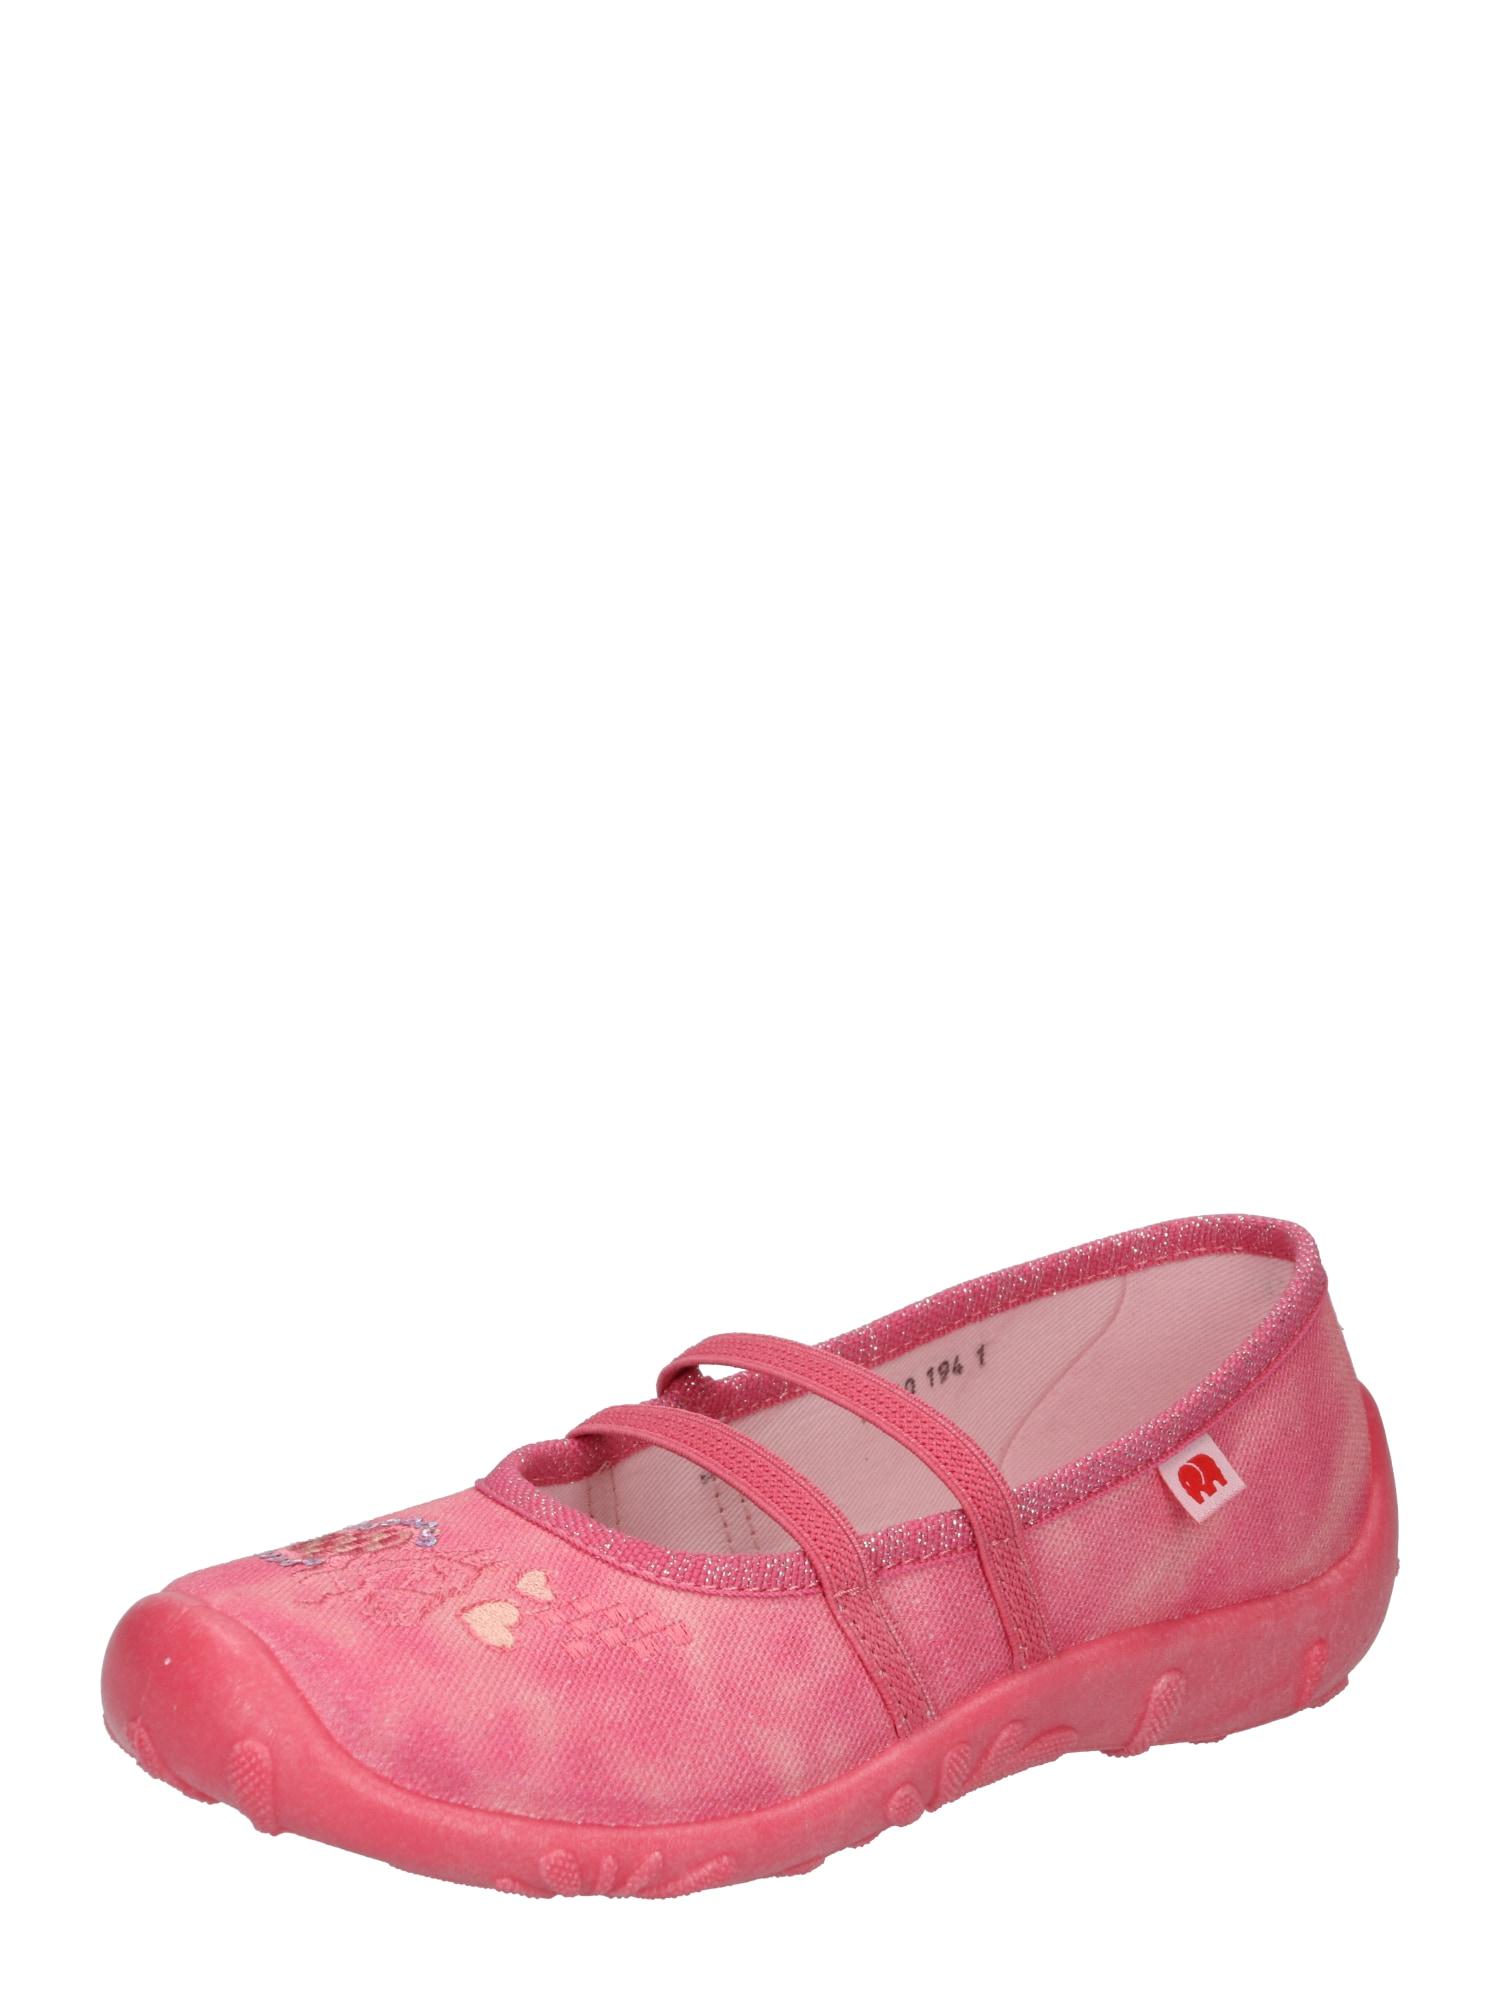 ELEFANTEN Balerinos 'Pamela' ryškiai rožinė spalva / smėlio / melsvai pilka